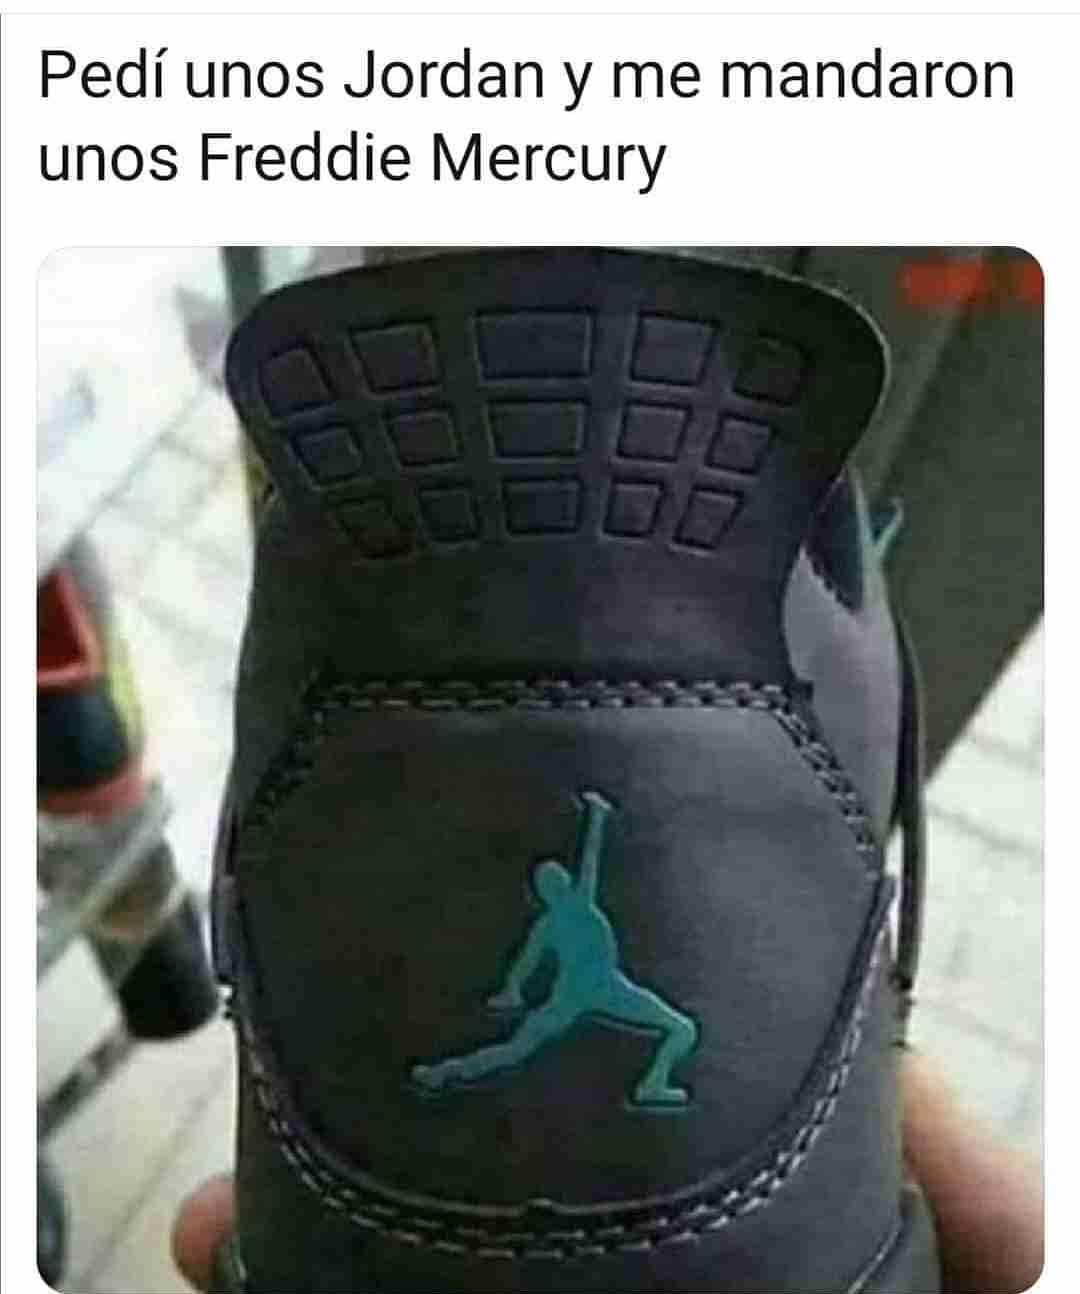 Pedí unos Jordan y me mandaron unos Freddie Mercury.